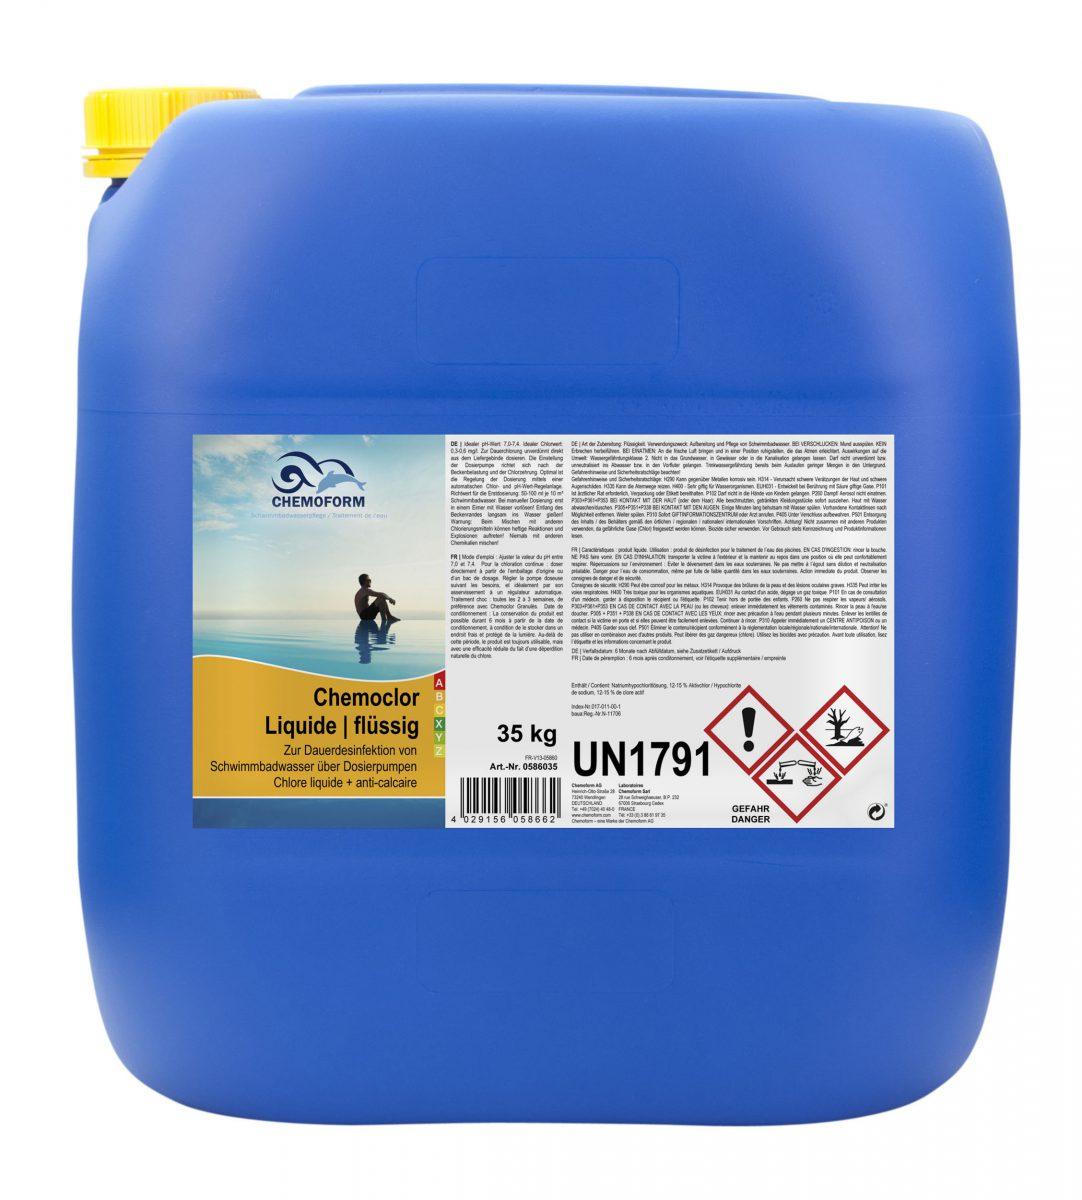 Жидкий стабилизированный хлор для дозирующего насоса Кемохлор, 35 кг